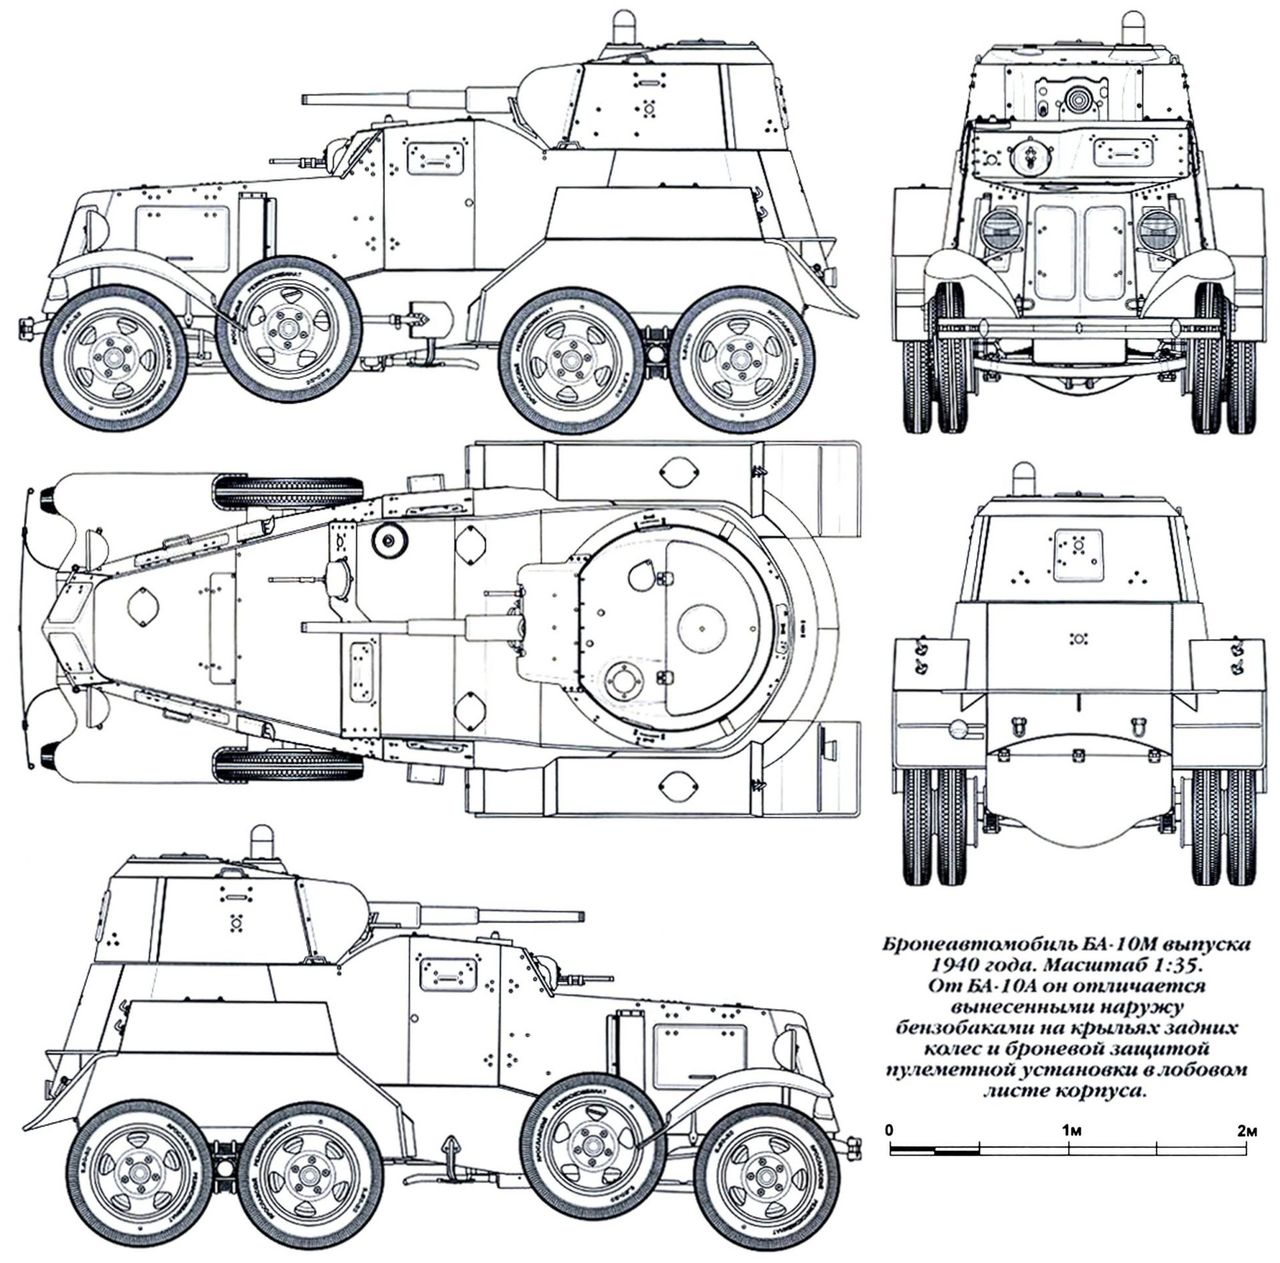 Чертёж БА-10М